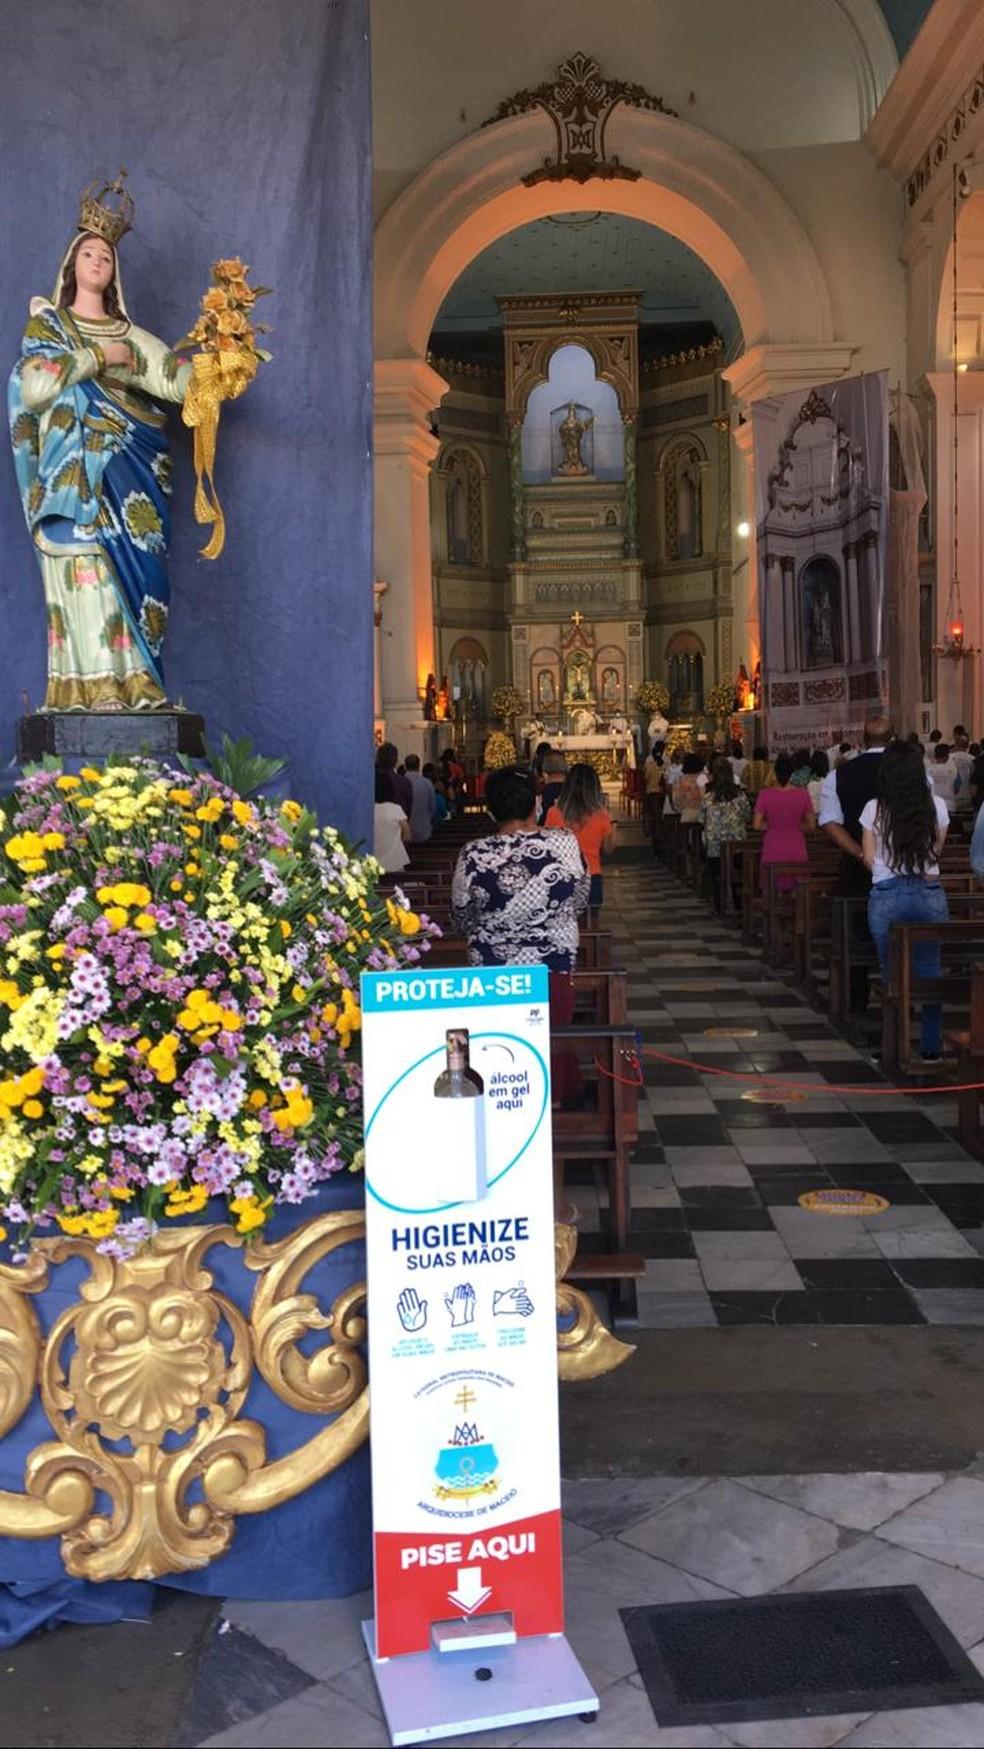 Na entrada da Catedral de Maceió, há álcool em gel para os fiéis — Foto: Douglas Lopes/TV Gazeta